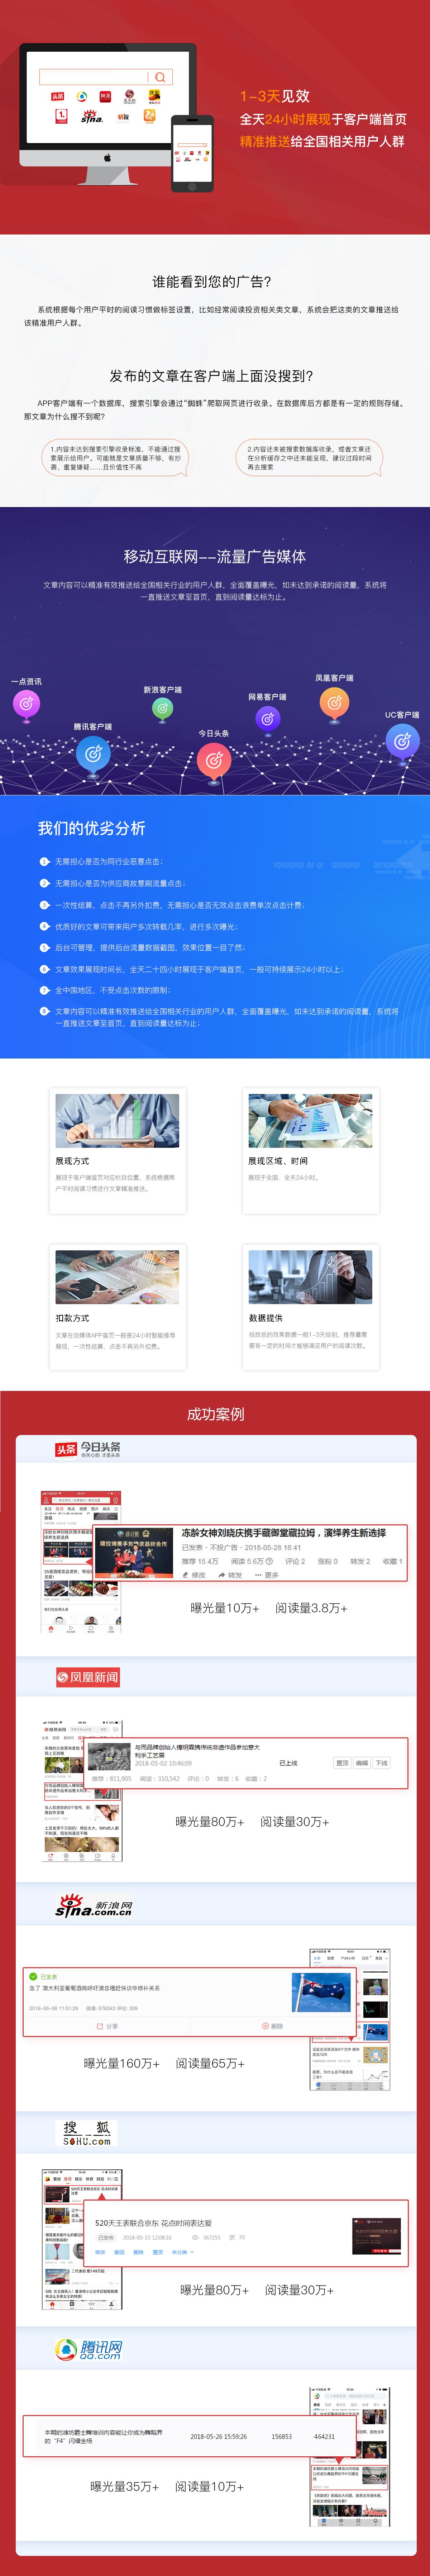 媒老板广告资源banner